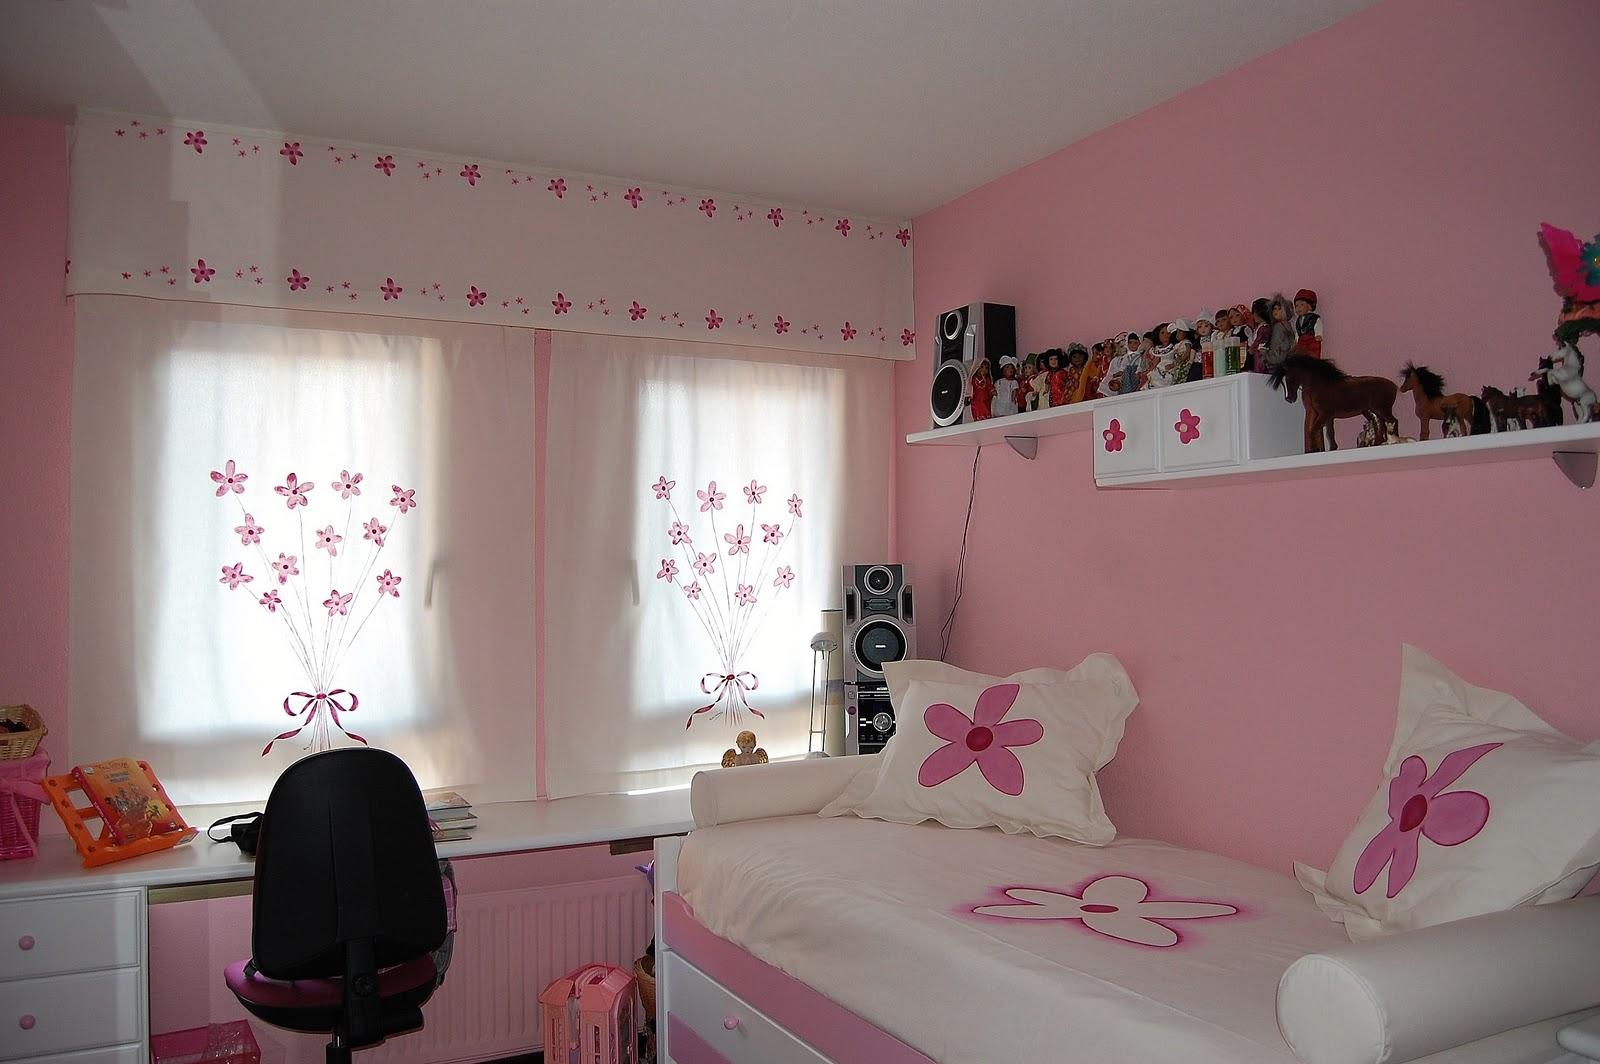 Pepa casado dise o de cortinas catalogo de cortinas for Disenos de cortinas